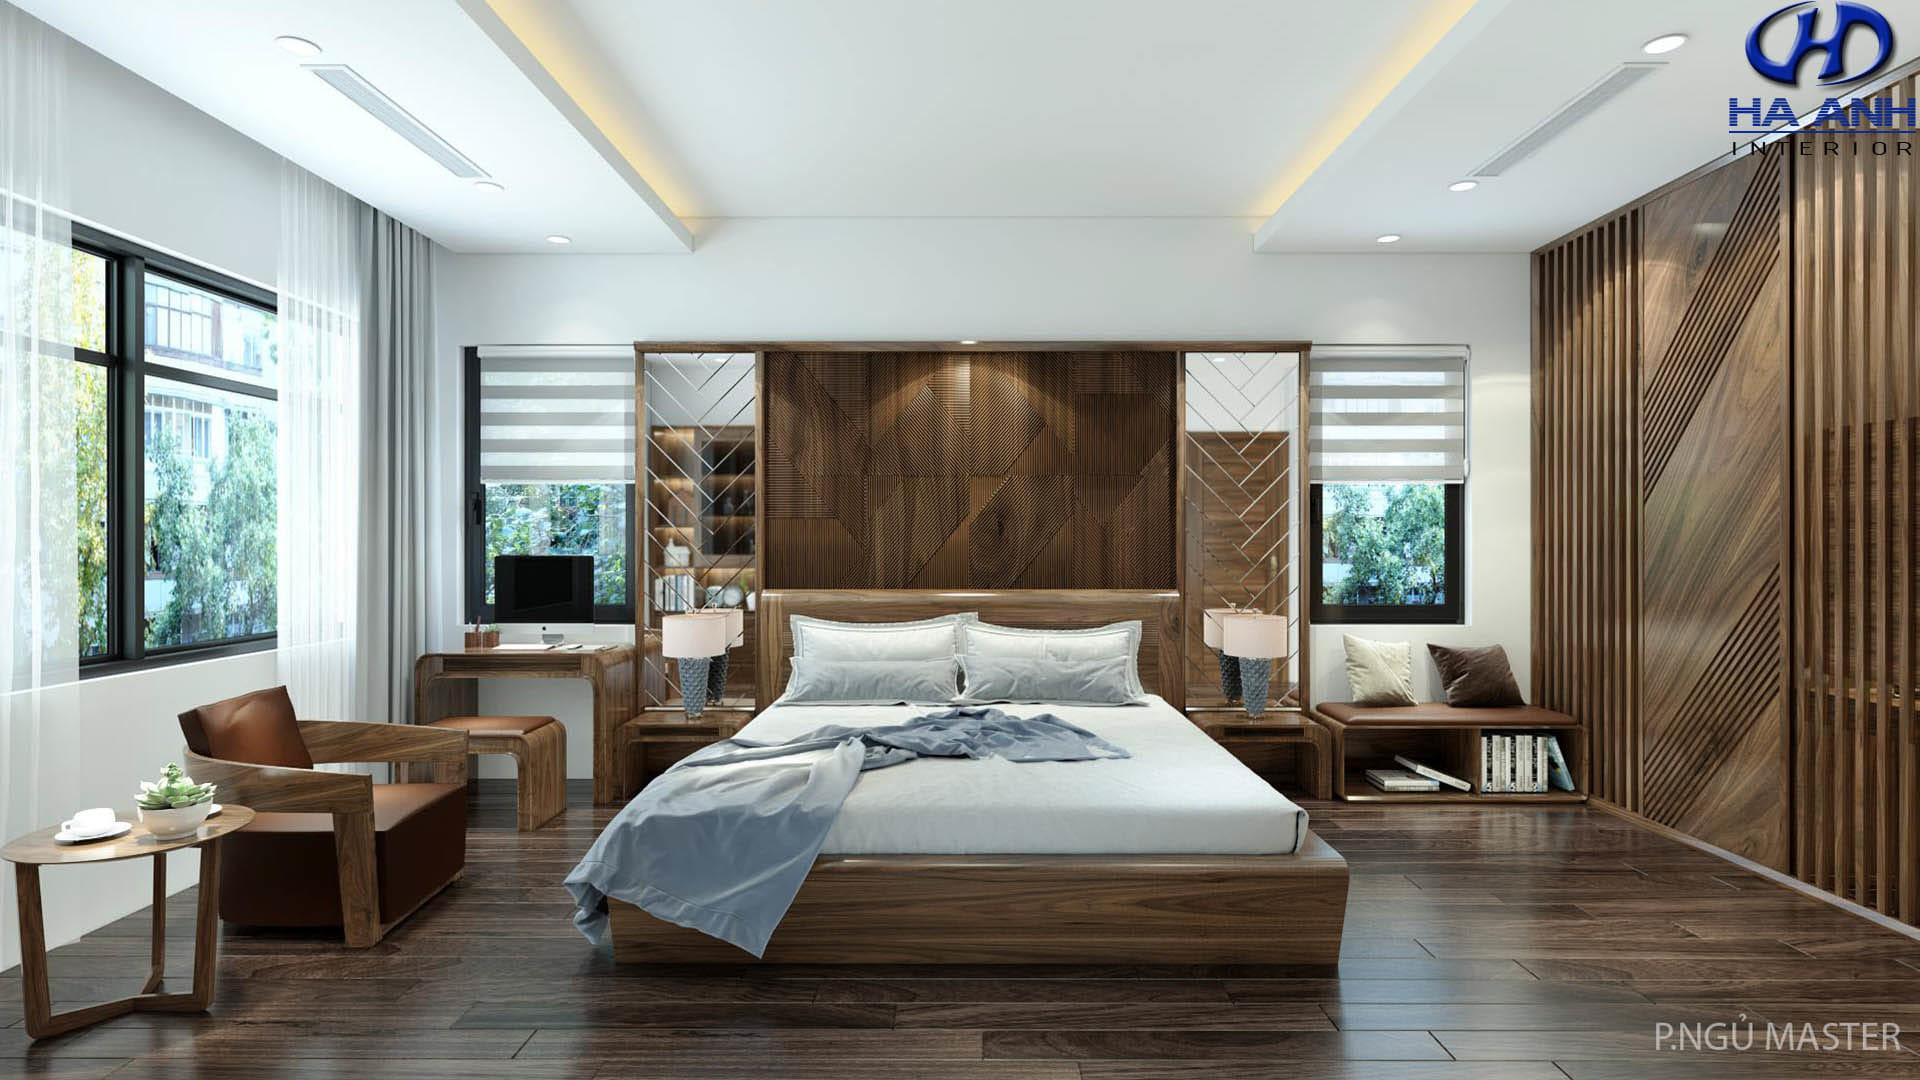 Mua giường gỗ óc chó ở đâu tốt?